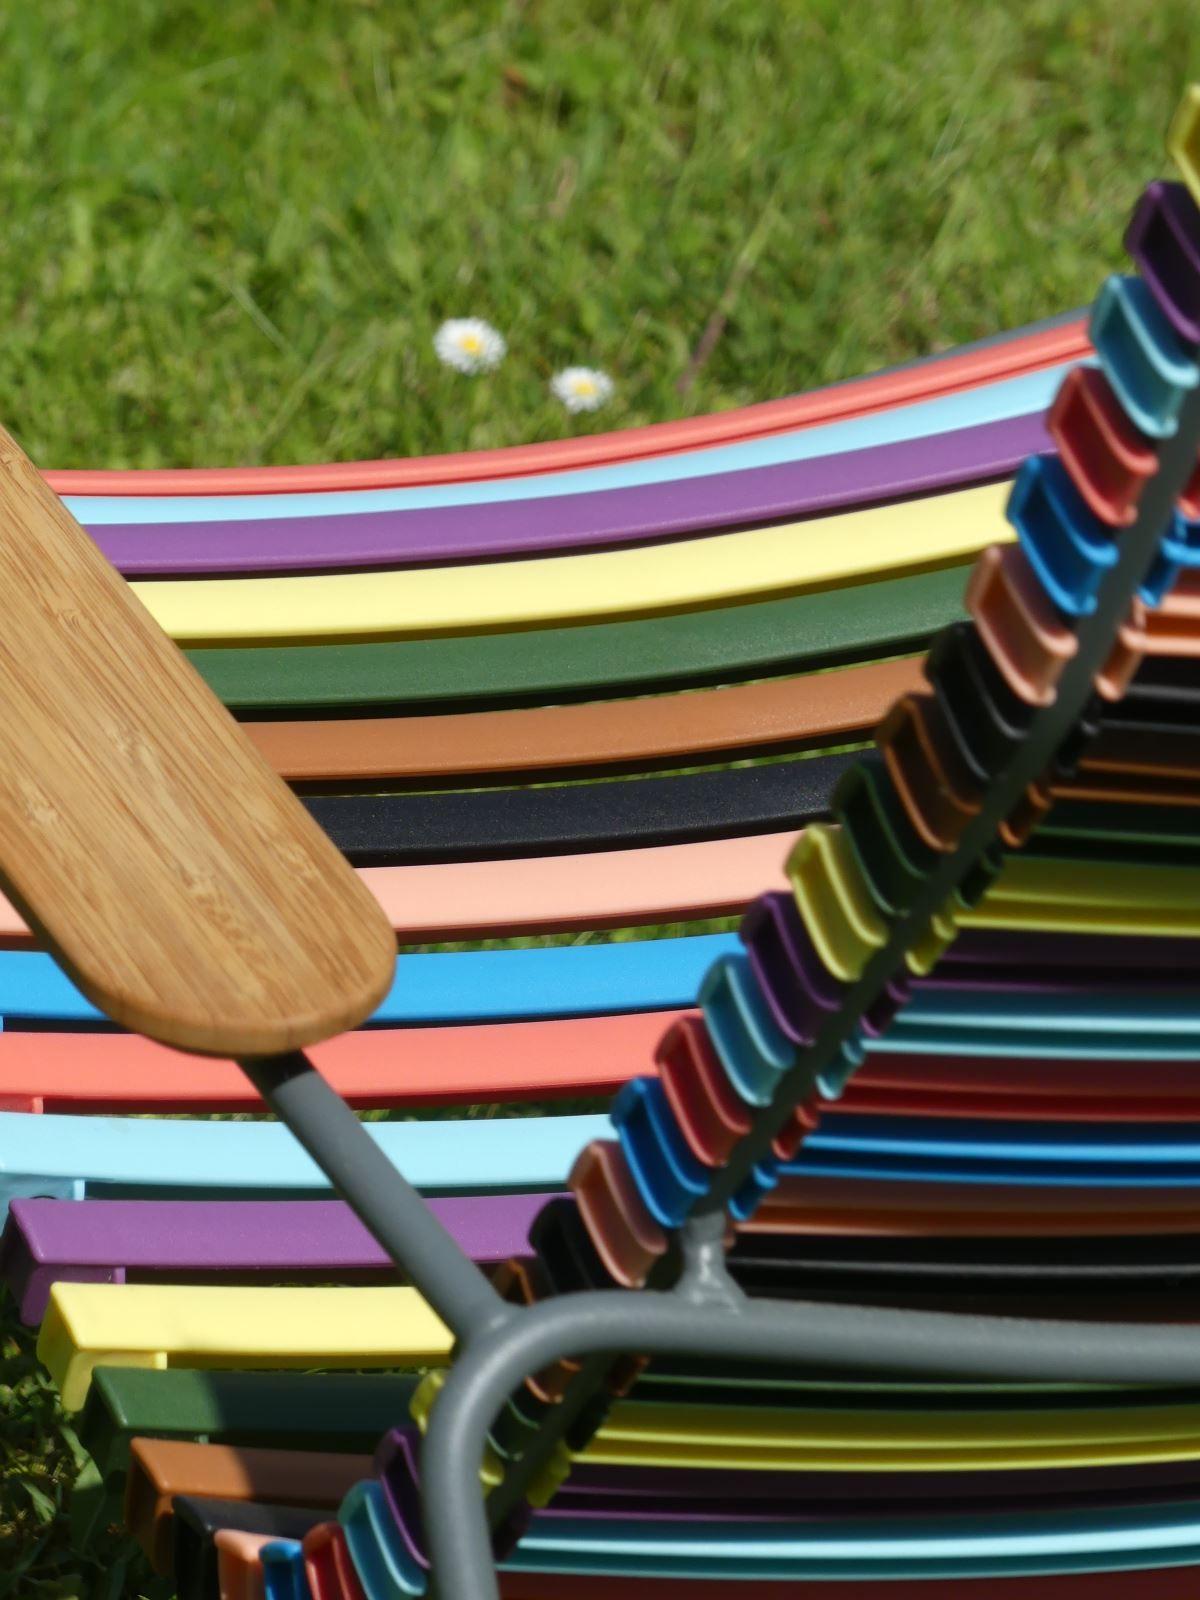 Houe Click Gartenmobel Gartenmobel Outdoor Mobel Gartenstuhle